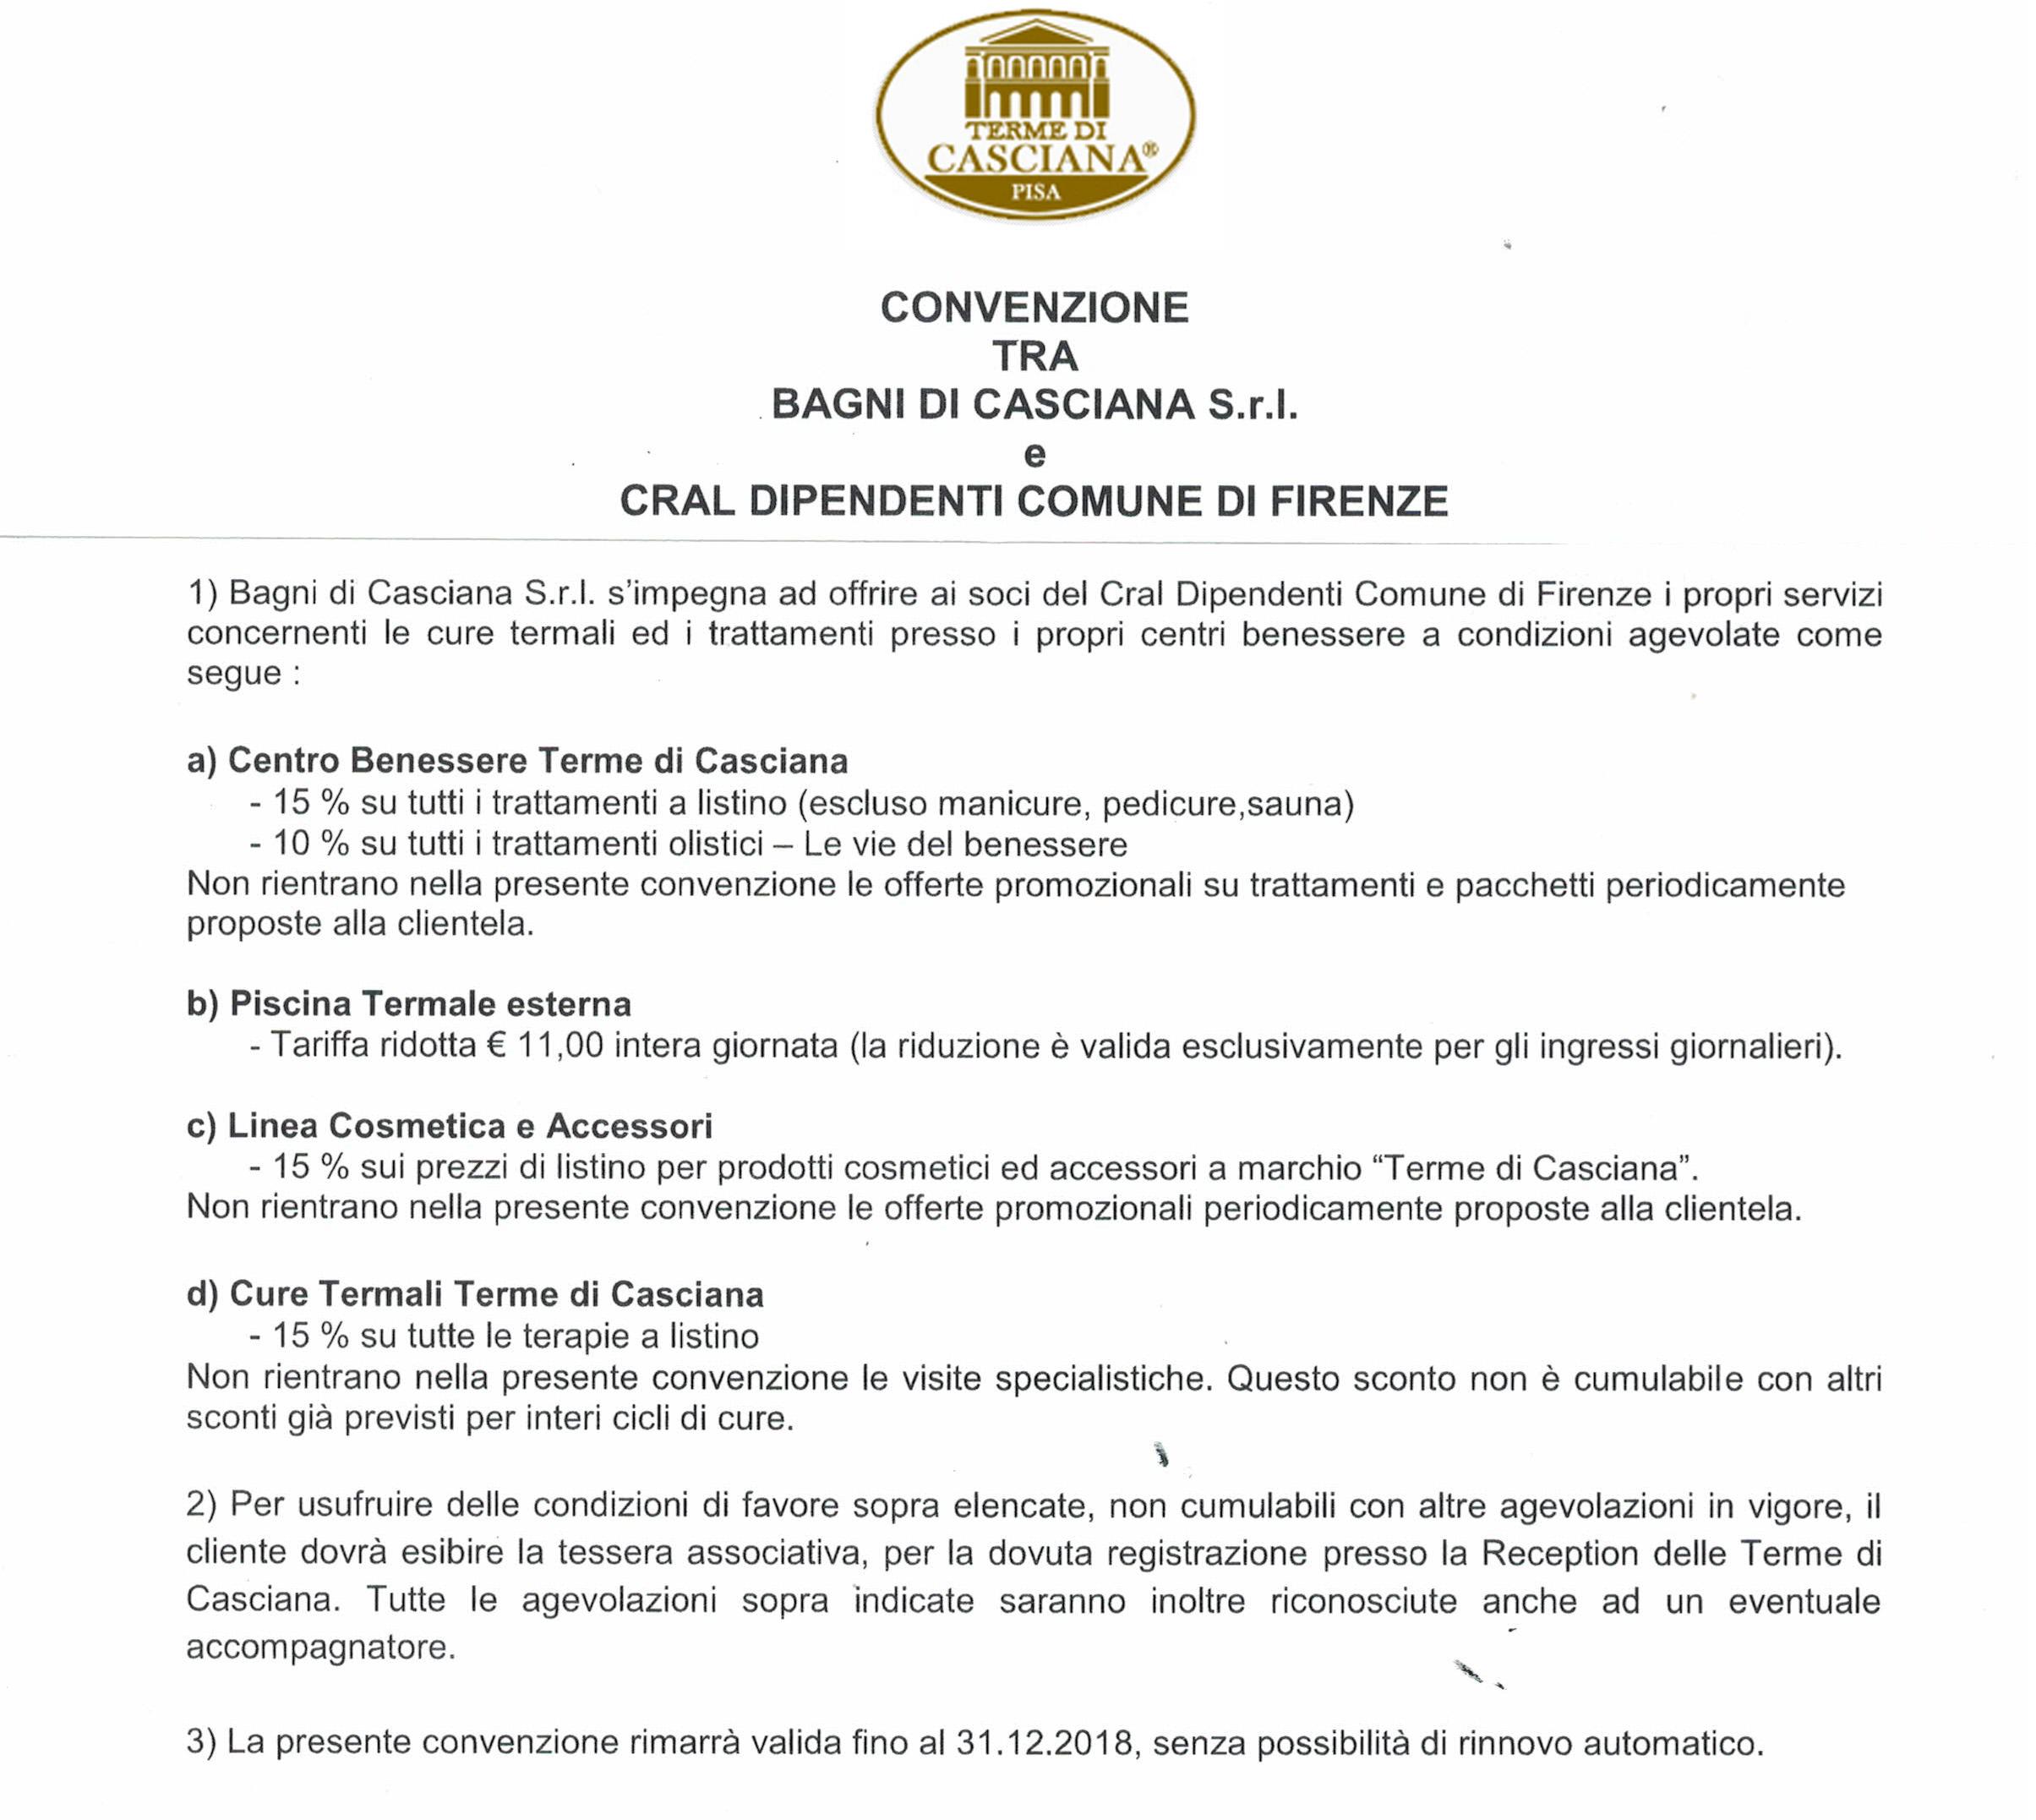 Bagni Casciana Terme - Cral Dipendenti Comune di Firenze